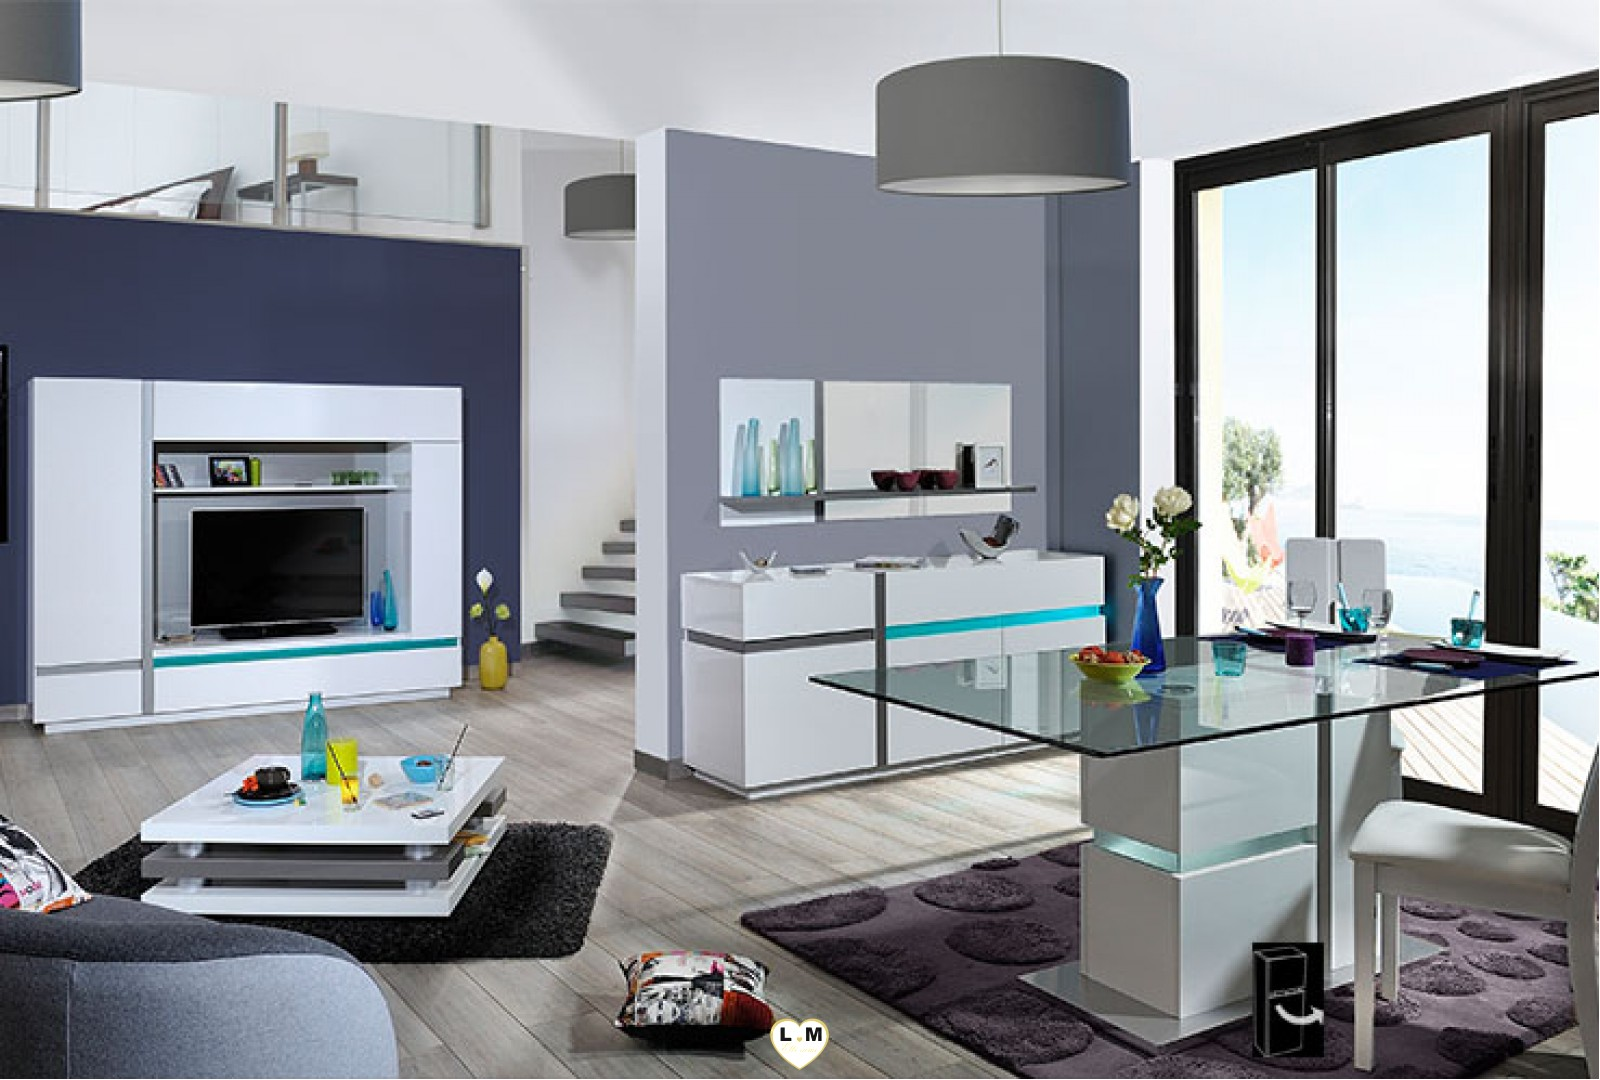 Quiberon laque blanc sejour salle a manger moderne le living tv lignemeuble com for Salle a manger moderne blanc laque